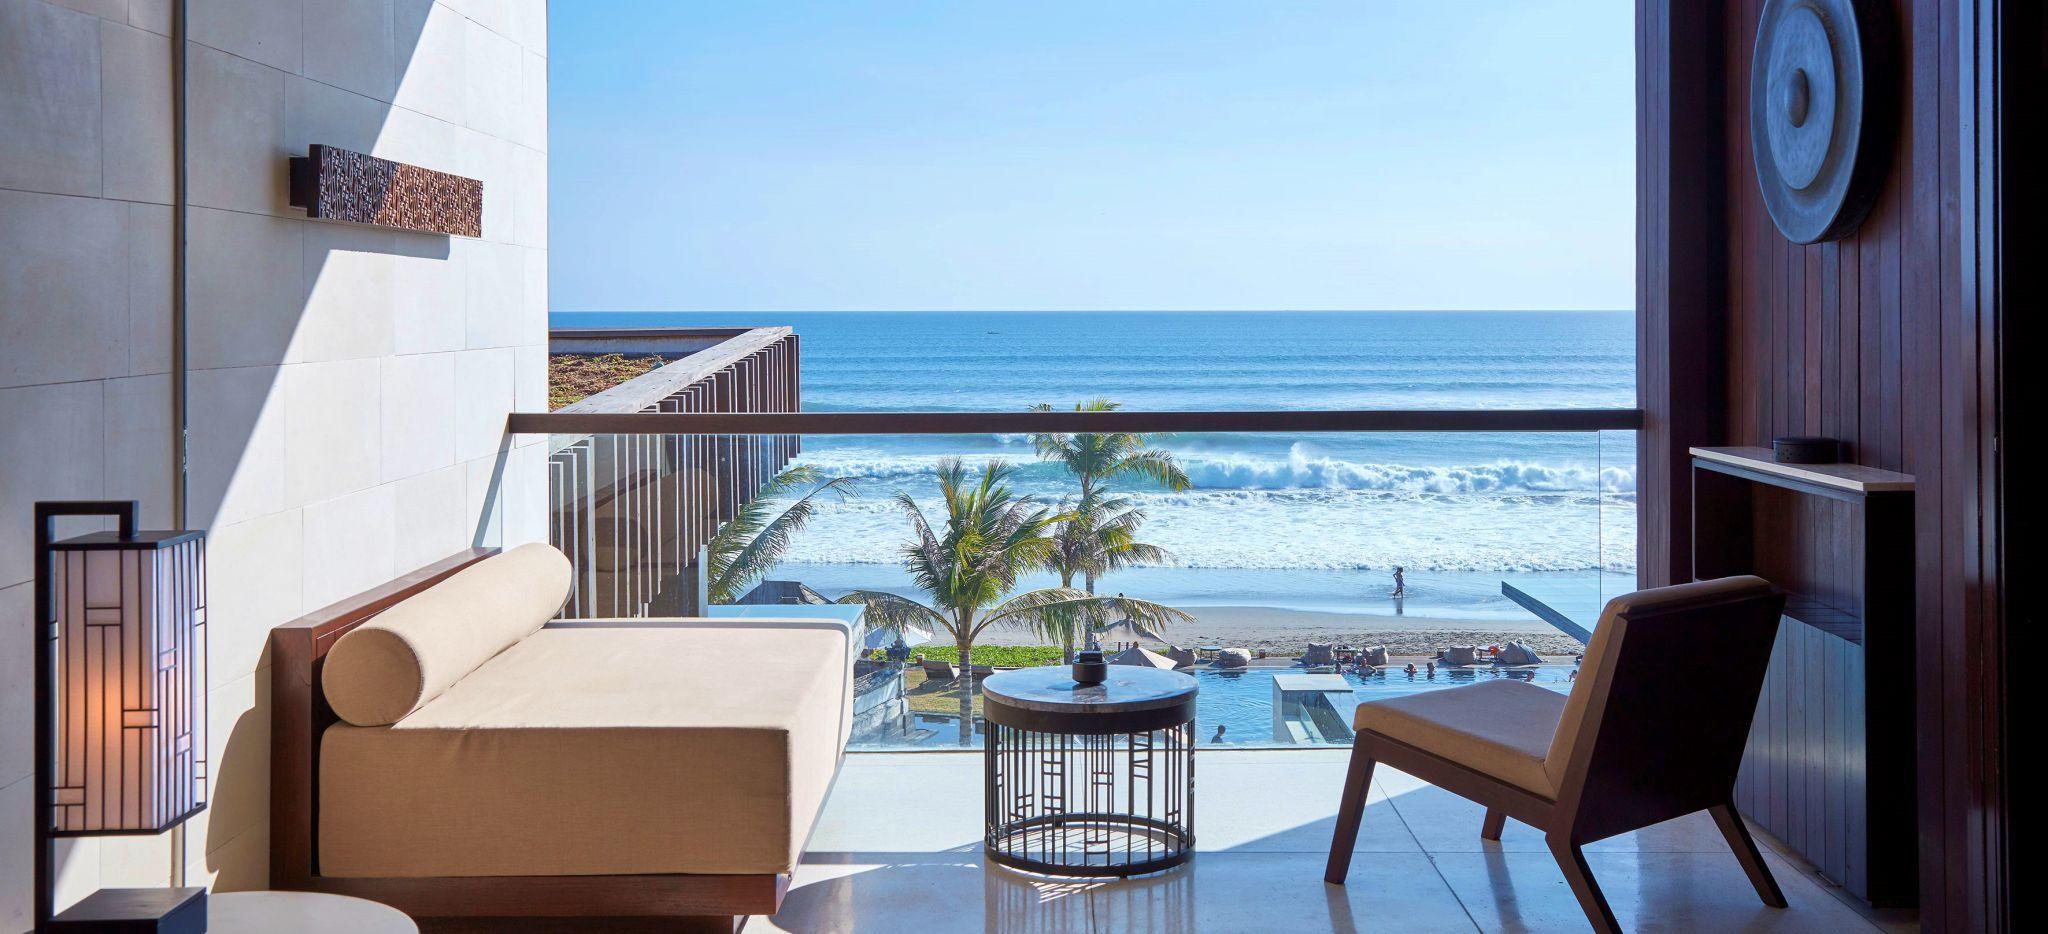 Balkon mit Sitzecke mit Blick auf das Meer